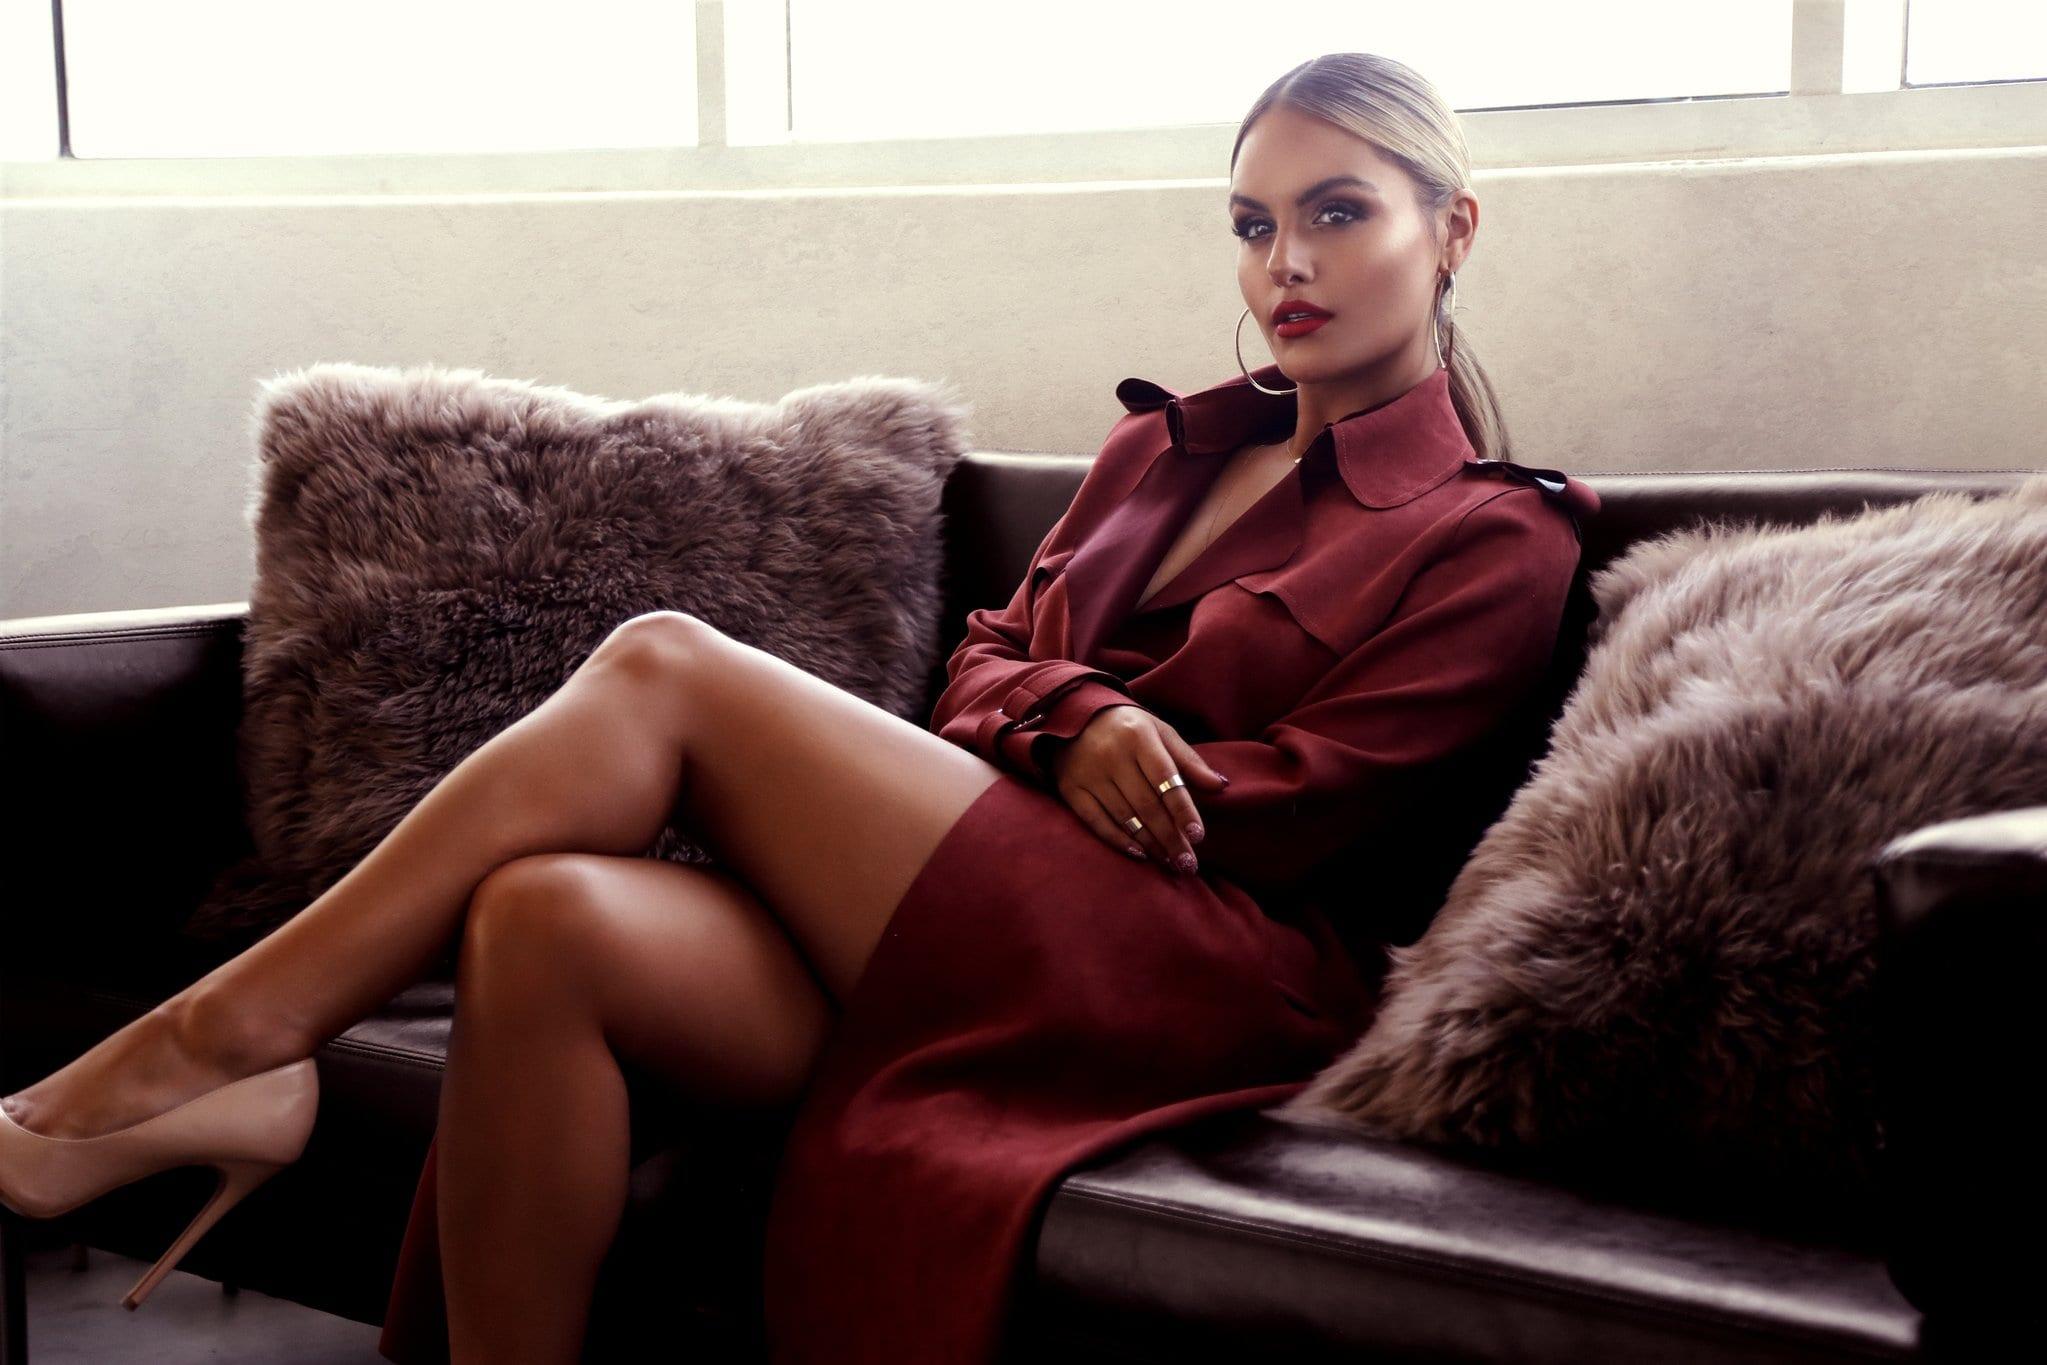 Le Style Glamour — Les 5 Qualités de Cette Femme à la Fois Sexy et Élégante